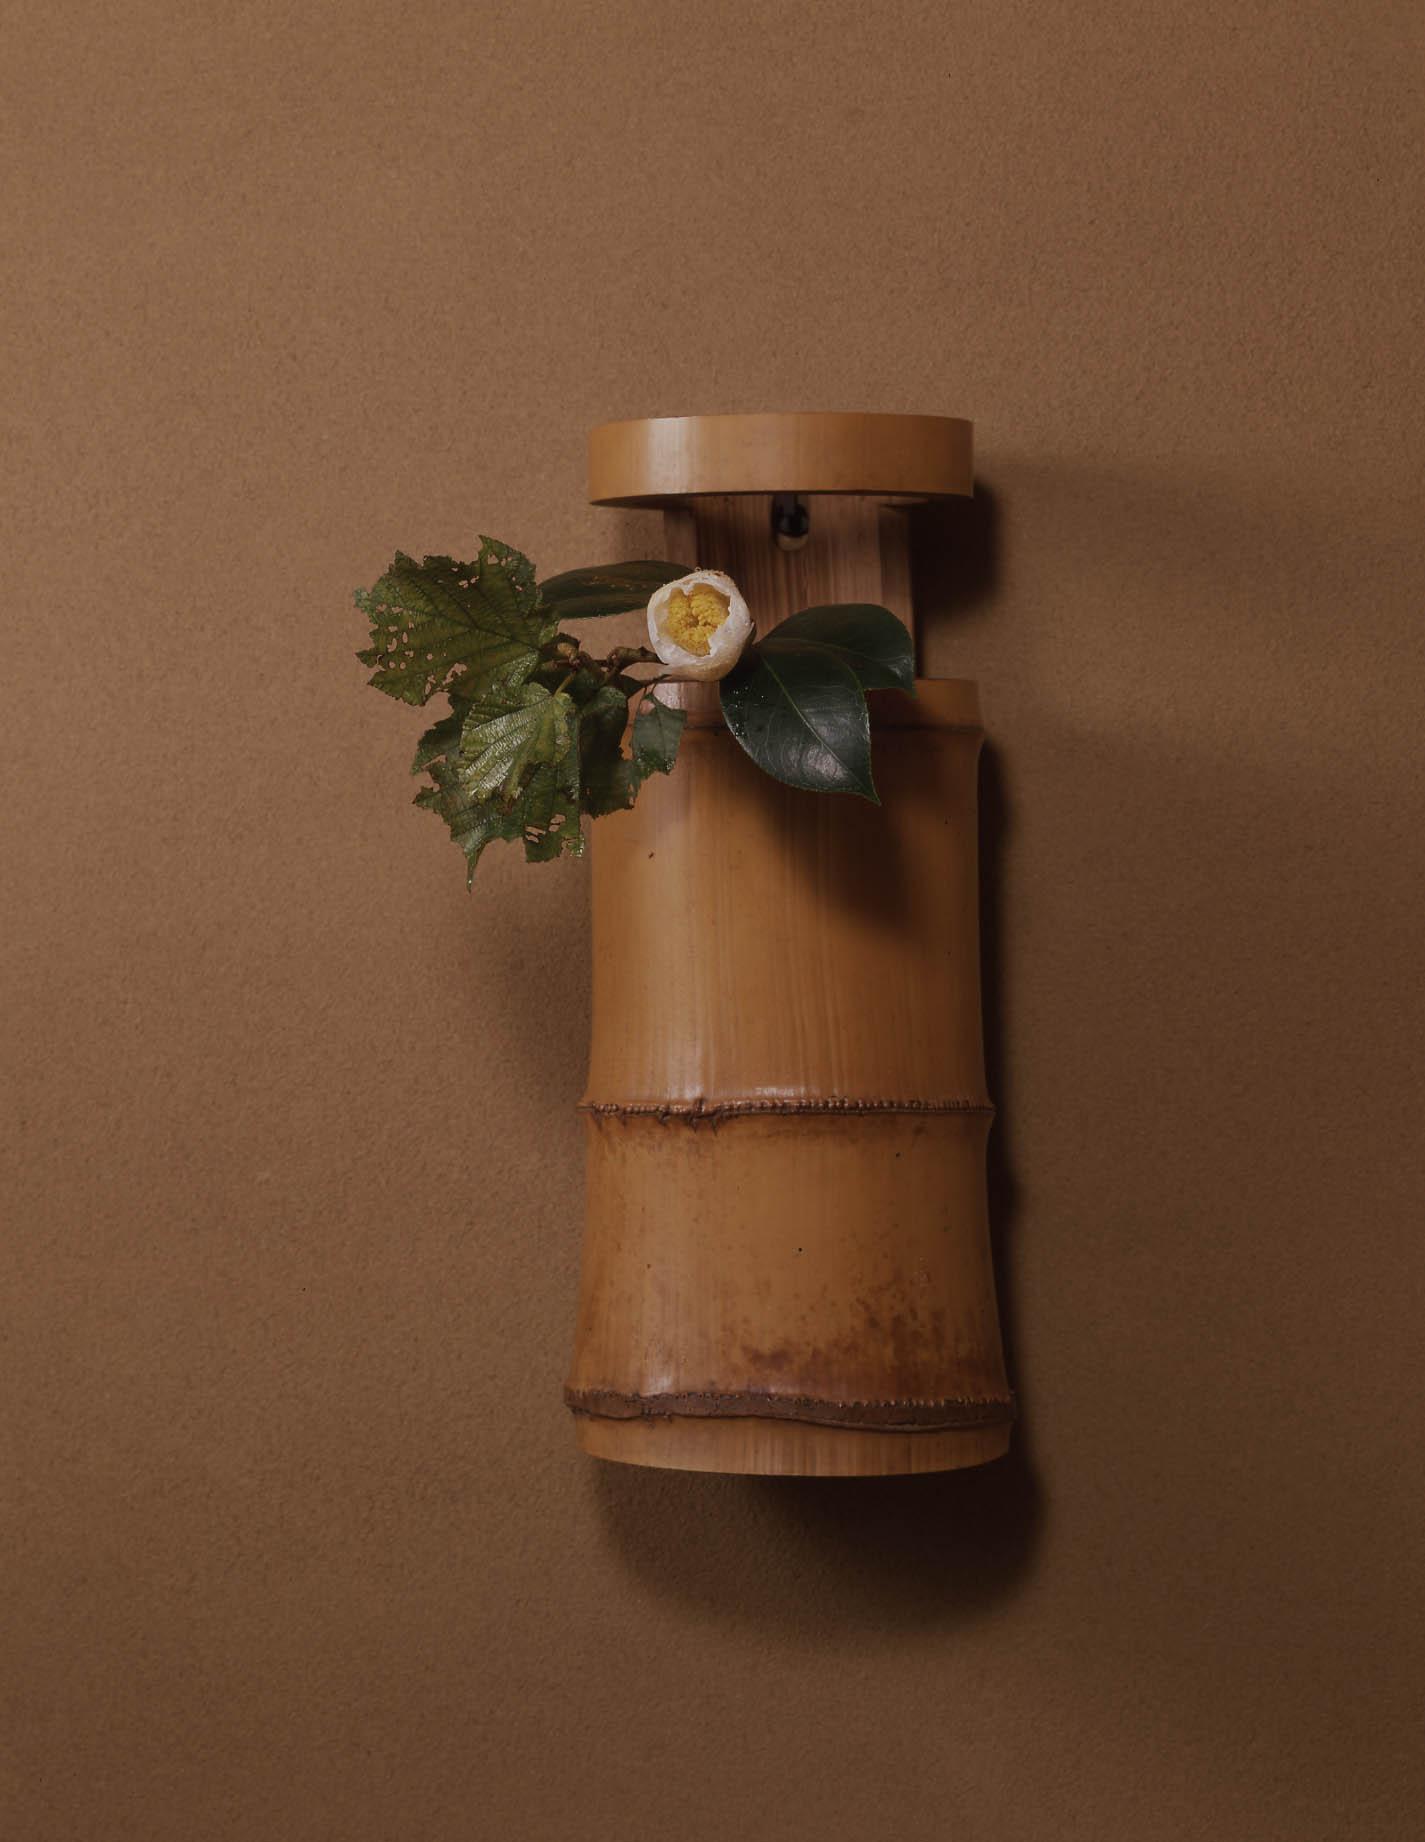 【今月の茶花】 11月の茶花